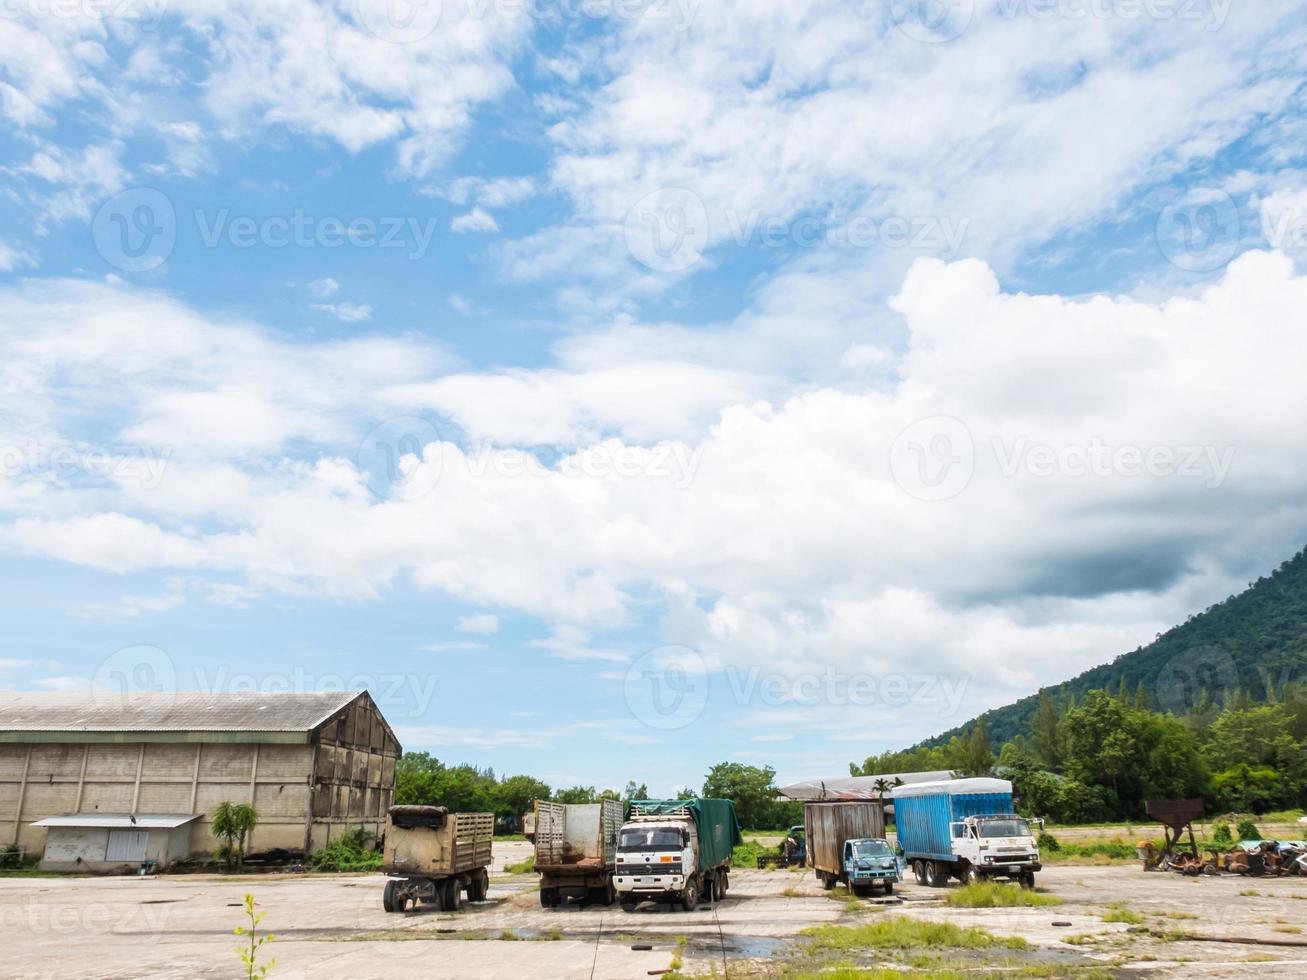 camions, stationnement, bleu, ciel, nuages photo